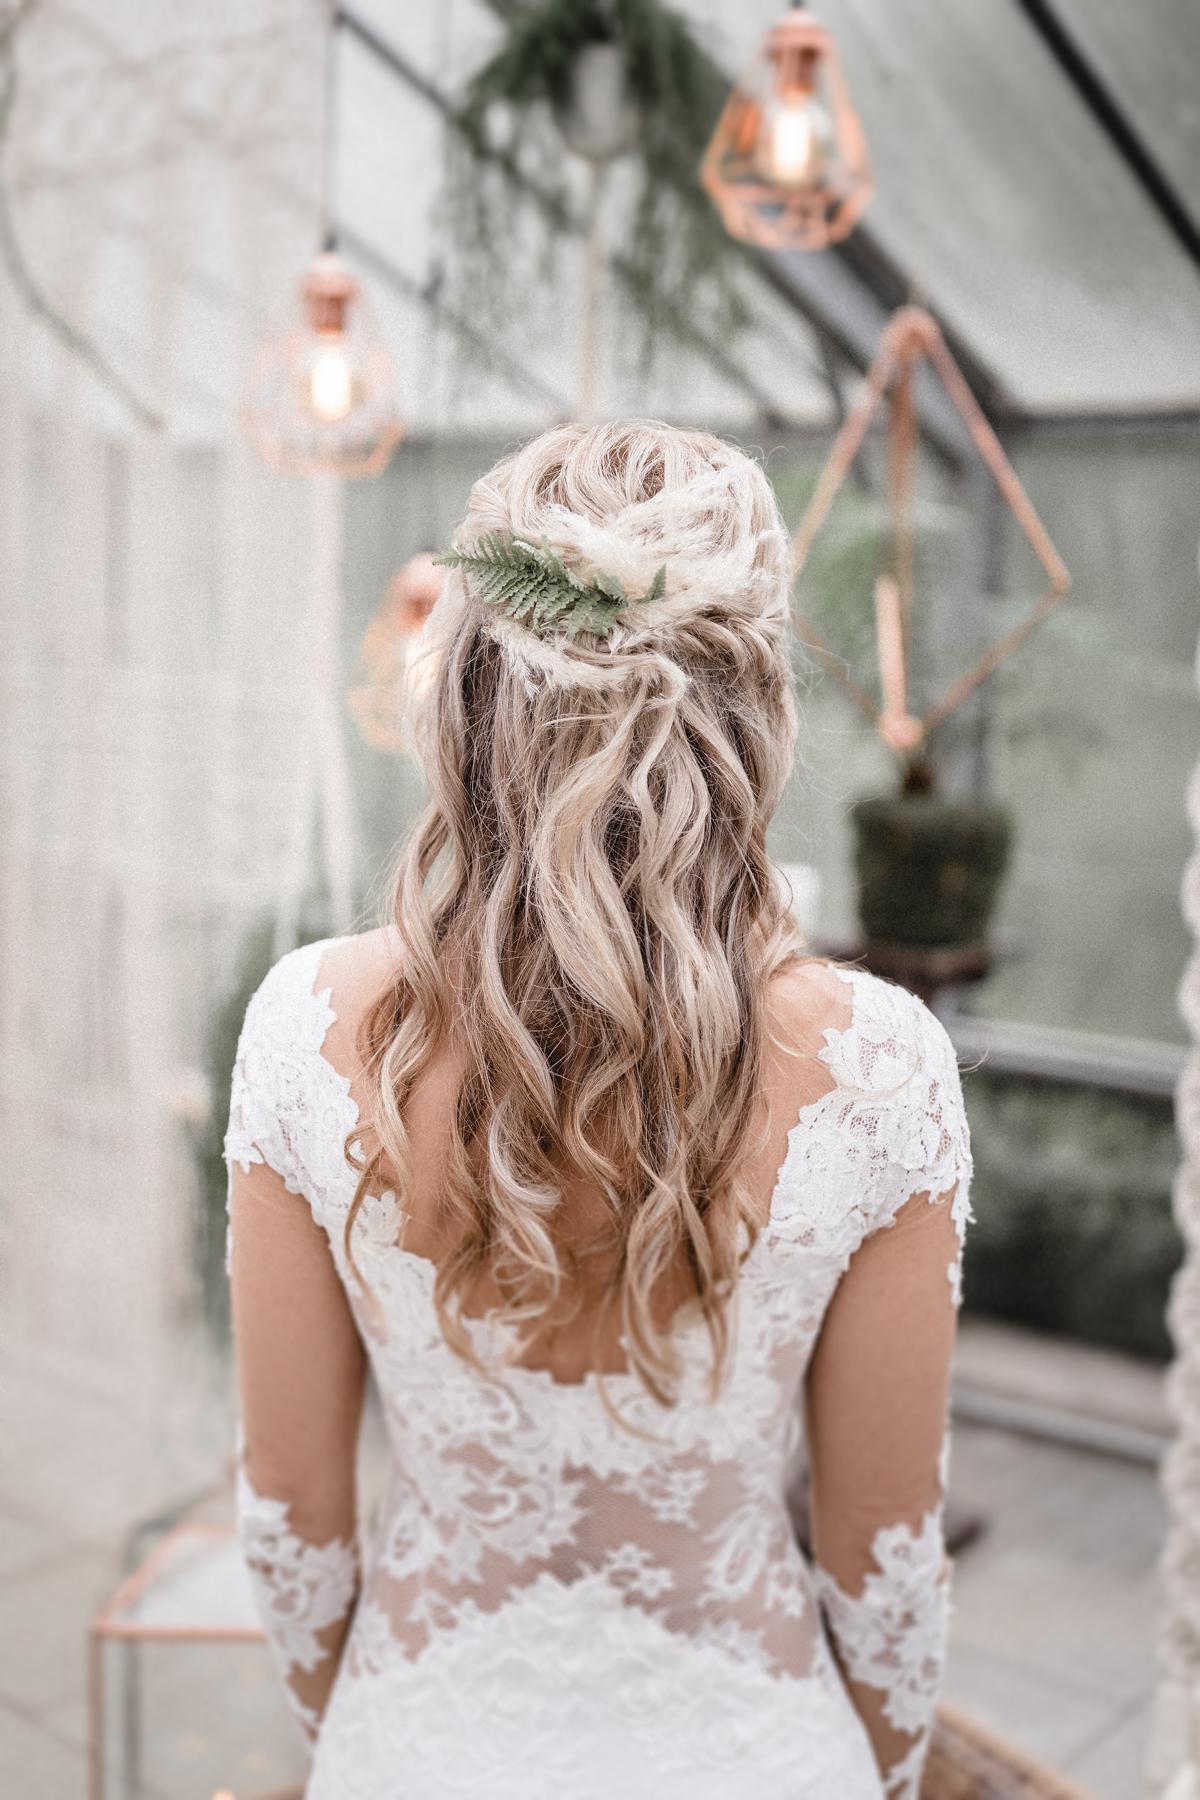 Andreas_Nusch_Hochzeitsfotografie_Brautshooting_2017_JA-Hochzeitsshop_0122